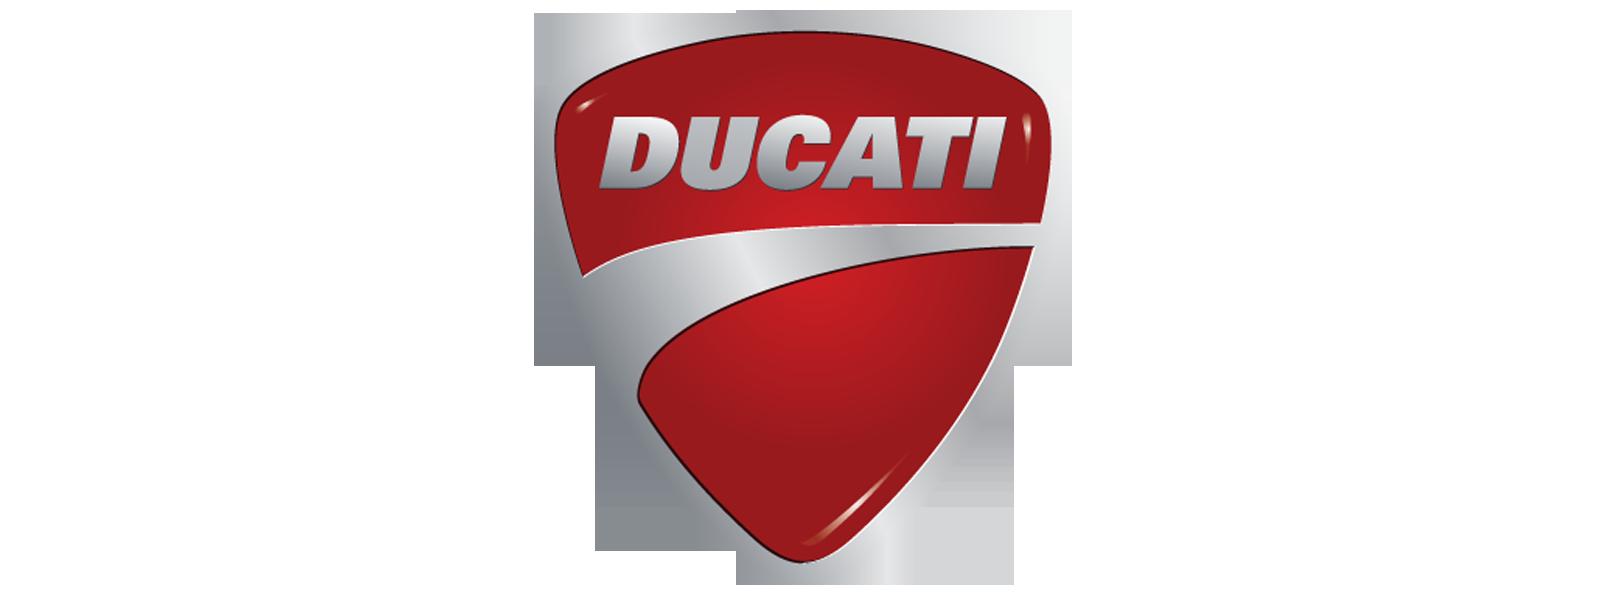 Ducati Logo Transparent